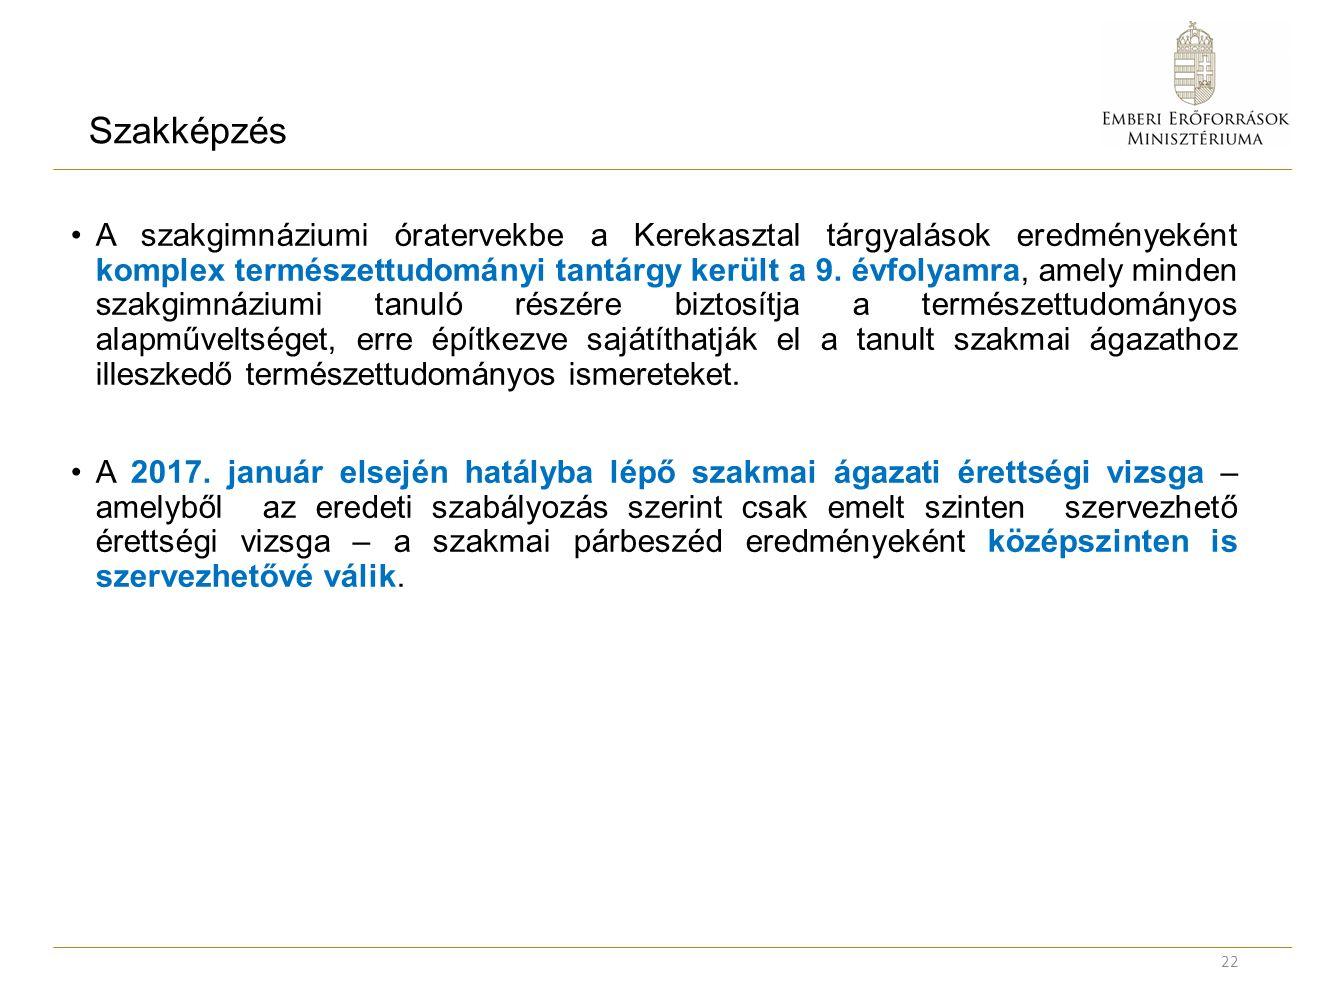 Szakképzés A szakgimnáziumi óratervekbe a Kerekasztal tárgyalások eredményeként komplex természettudományi tantárgy került a 9.